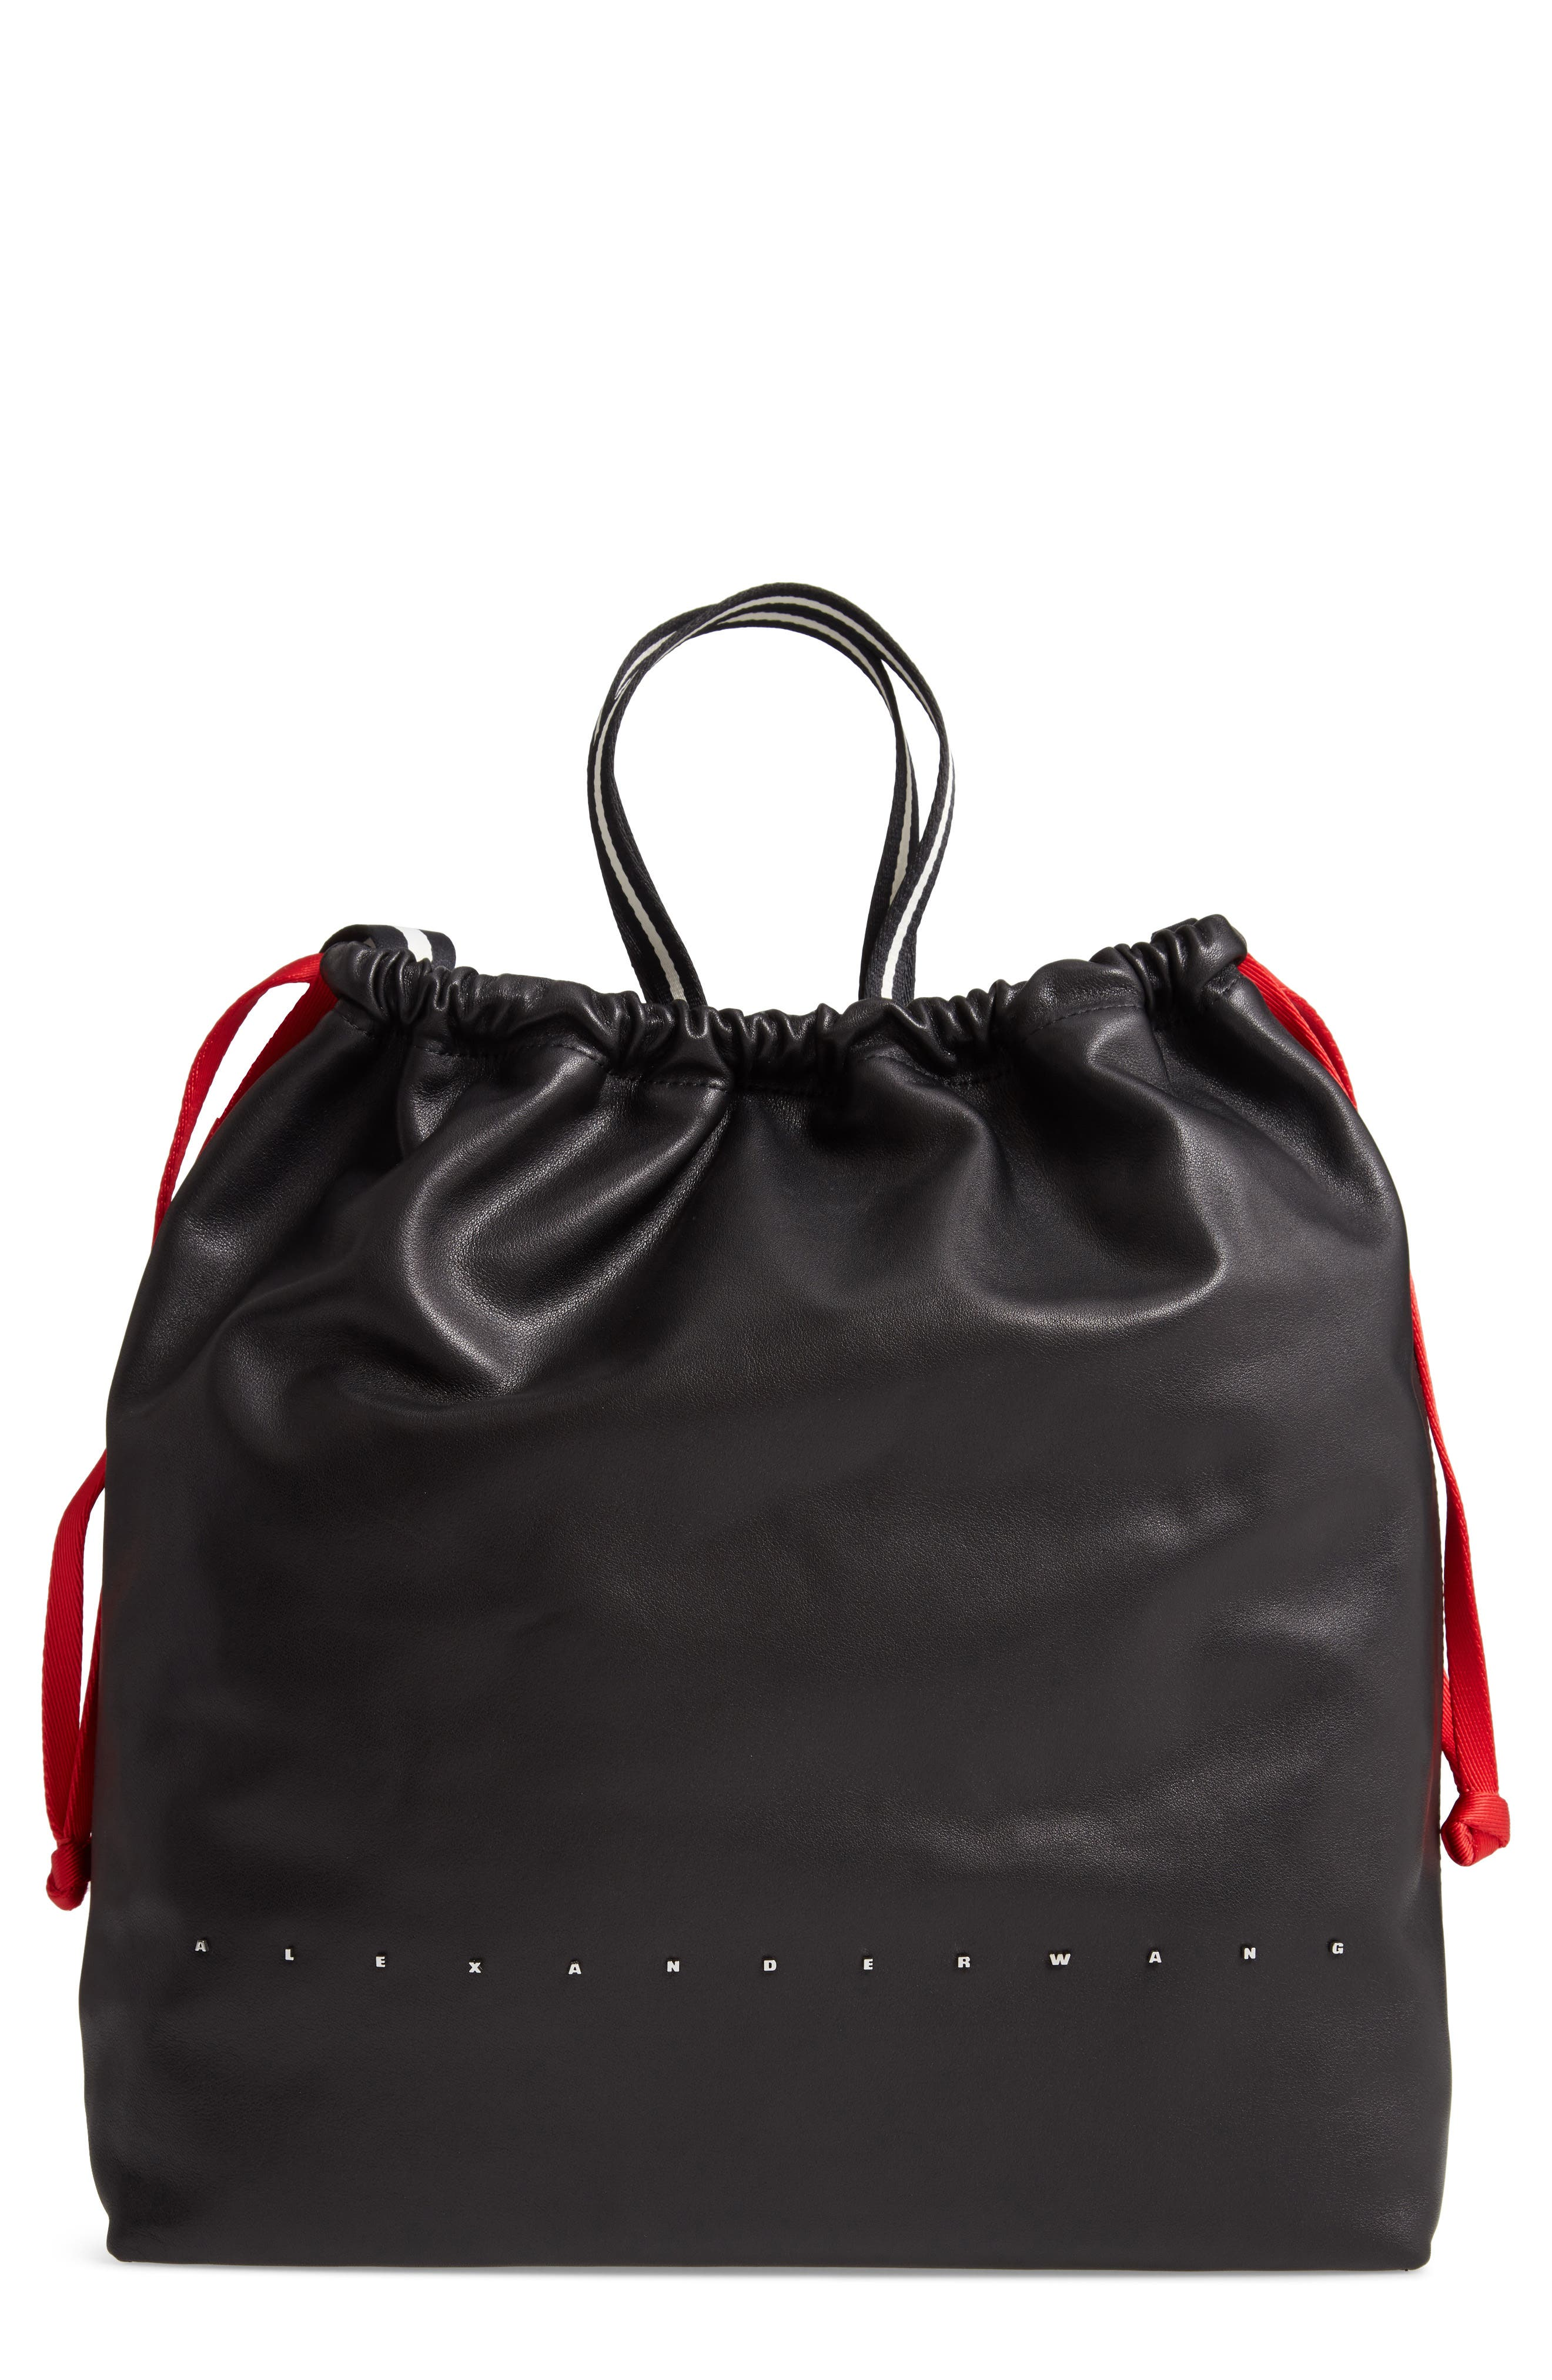 Wefty Drawstring Bucket Bag,                             Main thumbnail 1, color,                             BLACK